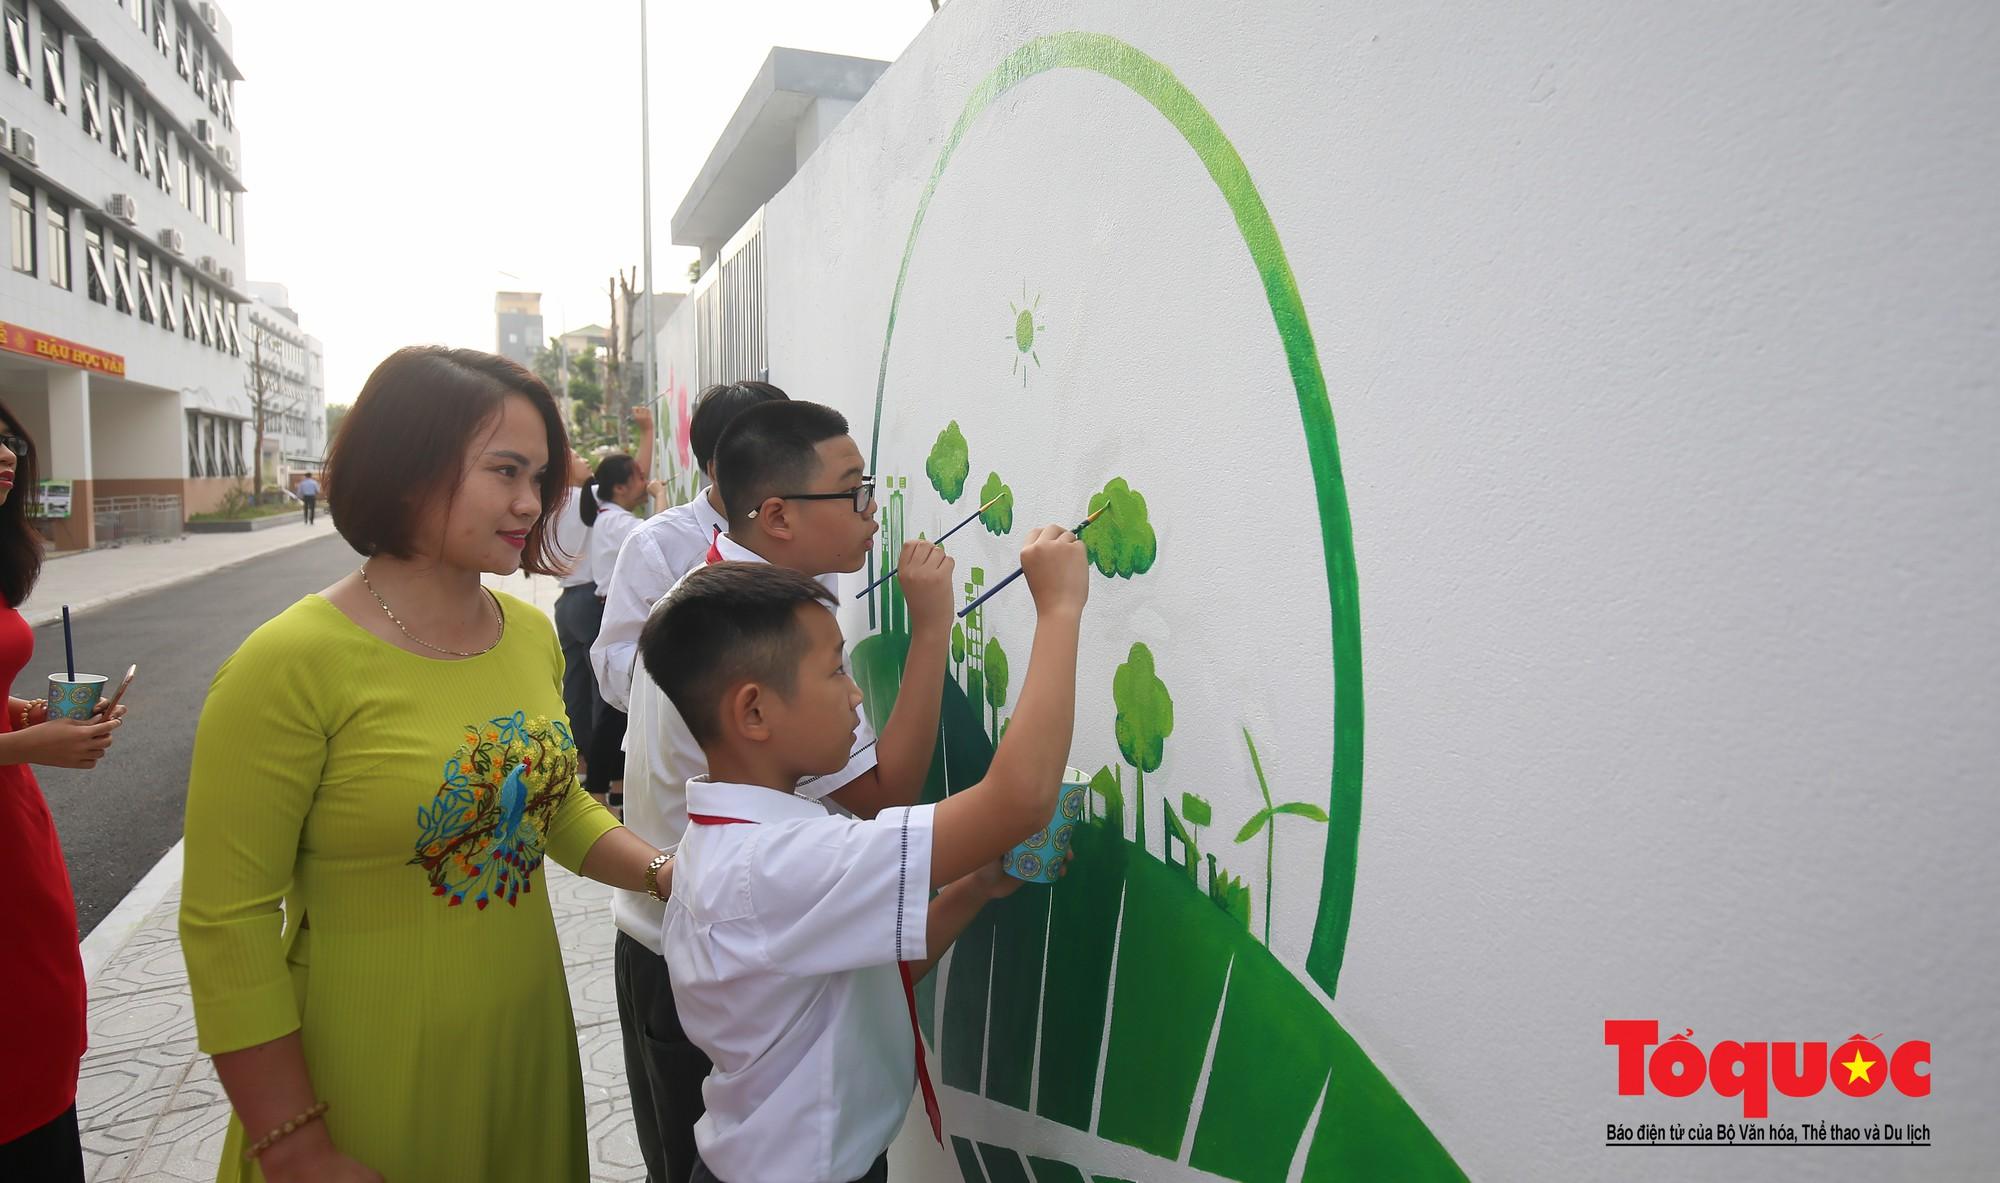 Lan tỏa ý thức bảo vệ môi trường với cuộc thi Thách thức để thay đổi (10)